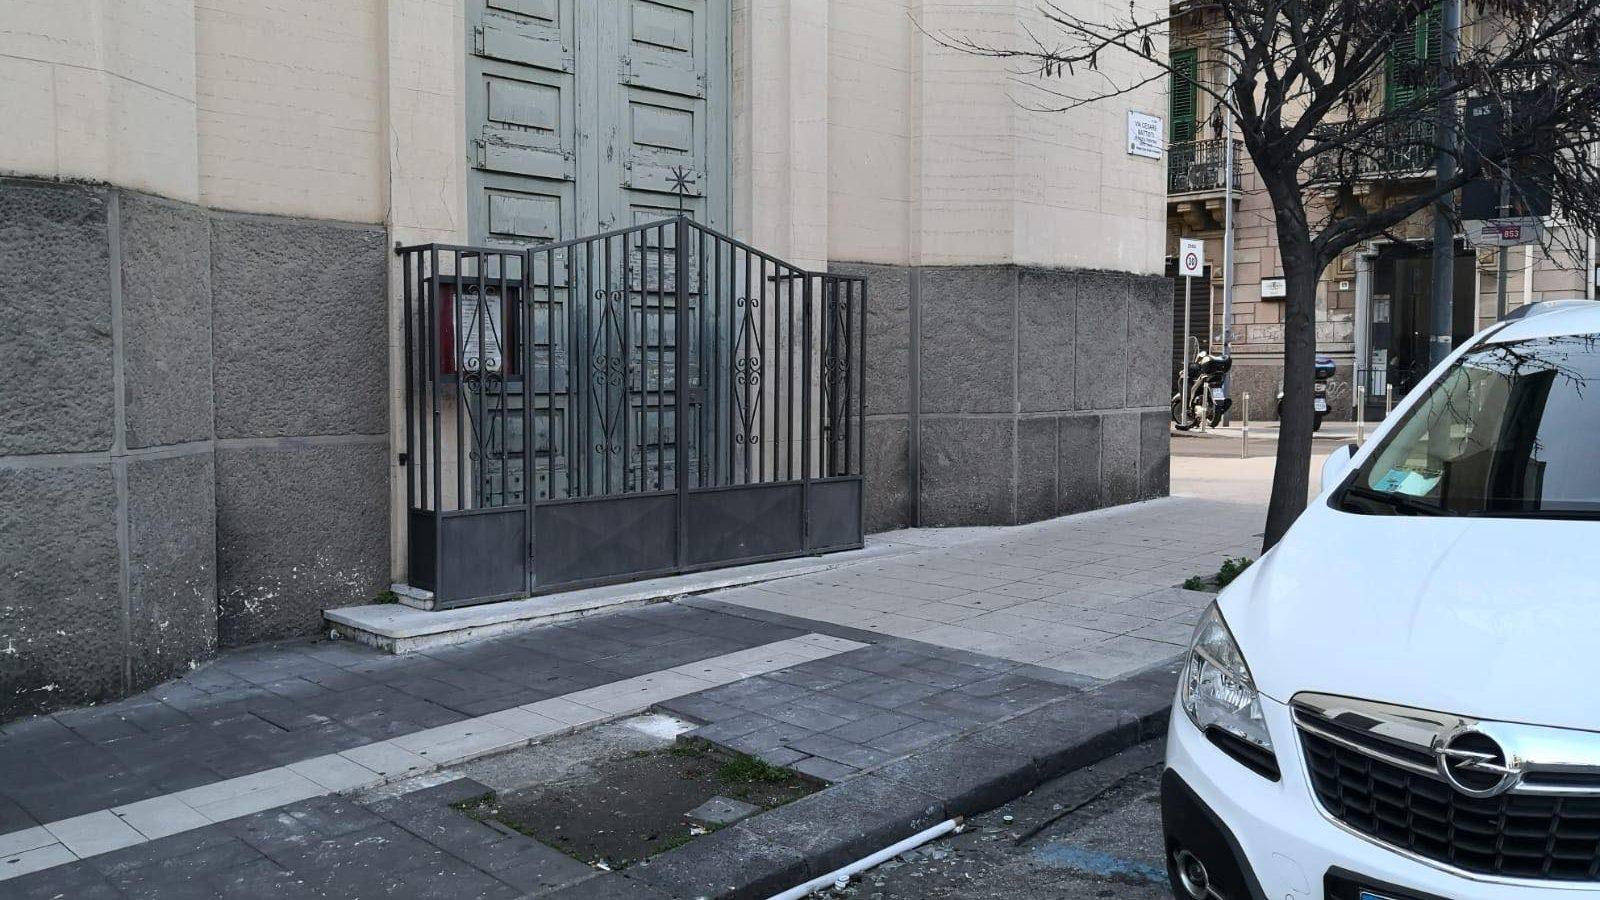 marciapiede rotto di fronte alla chiesa di san giuseppe in via cesare battisti